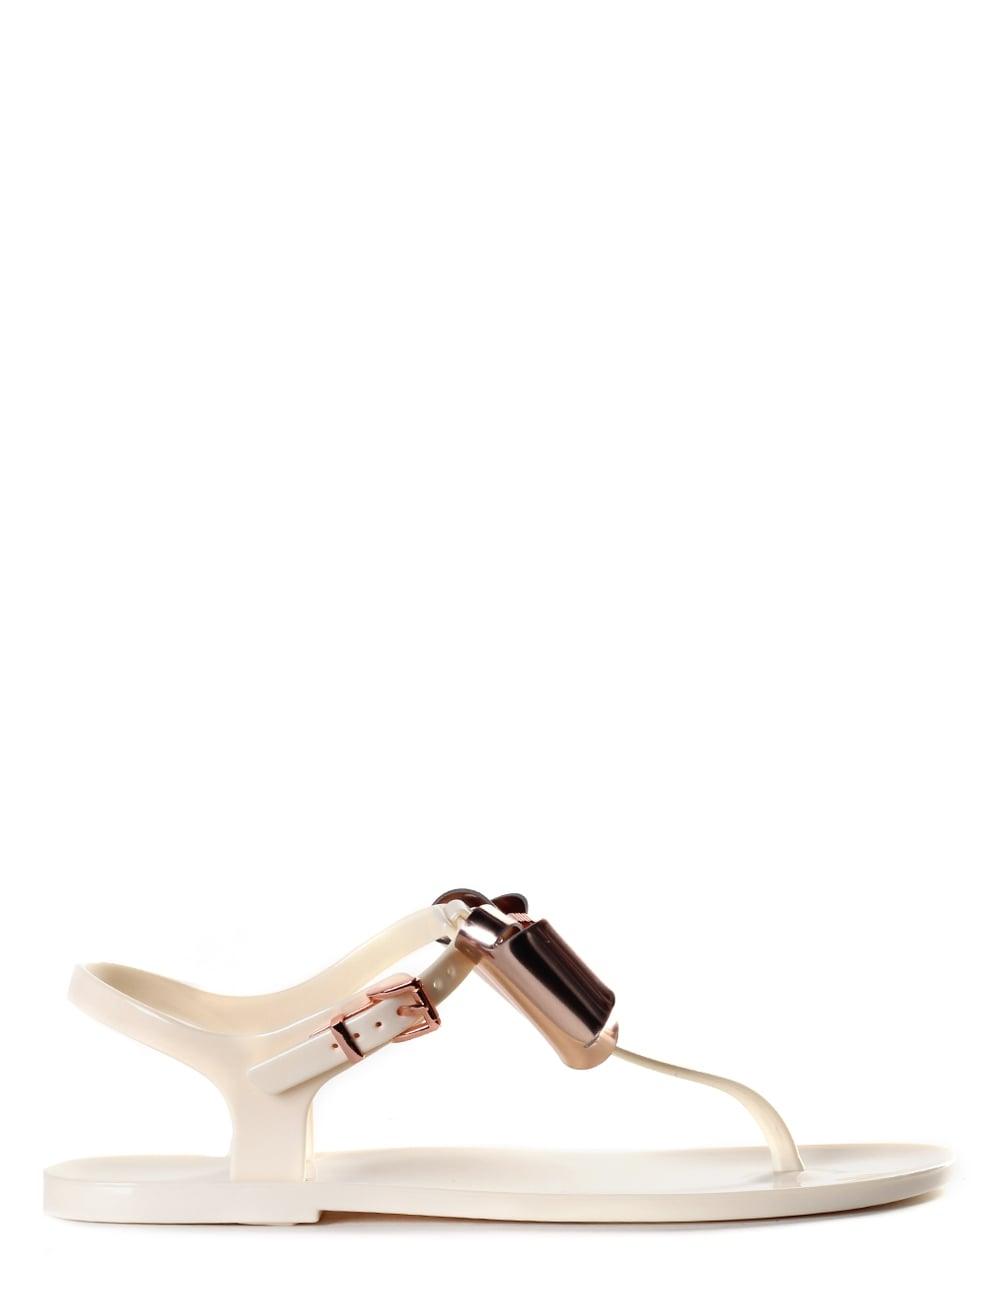 c46977ddf Ted Baker Ainda women s Bow Detail Sandals